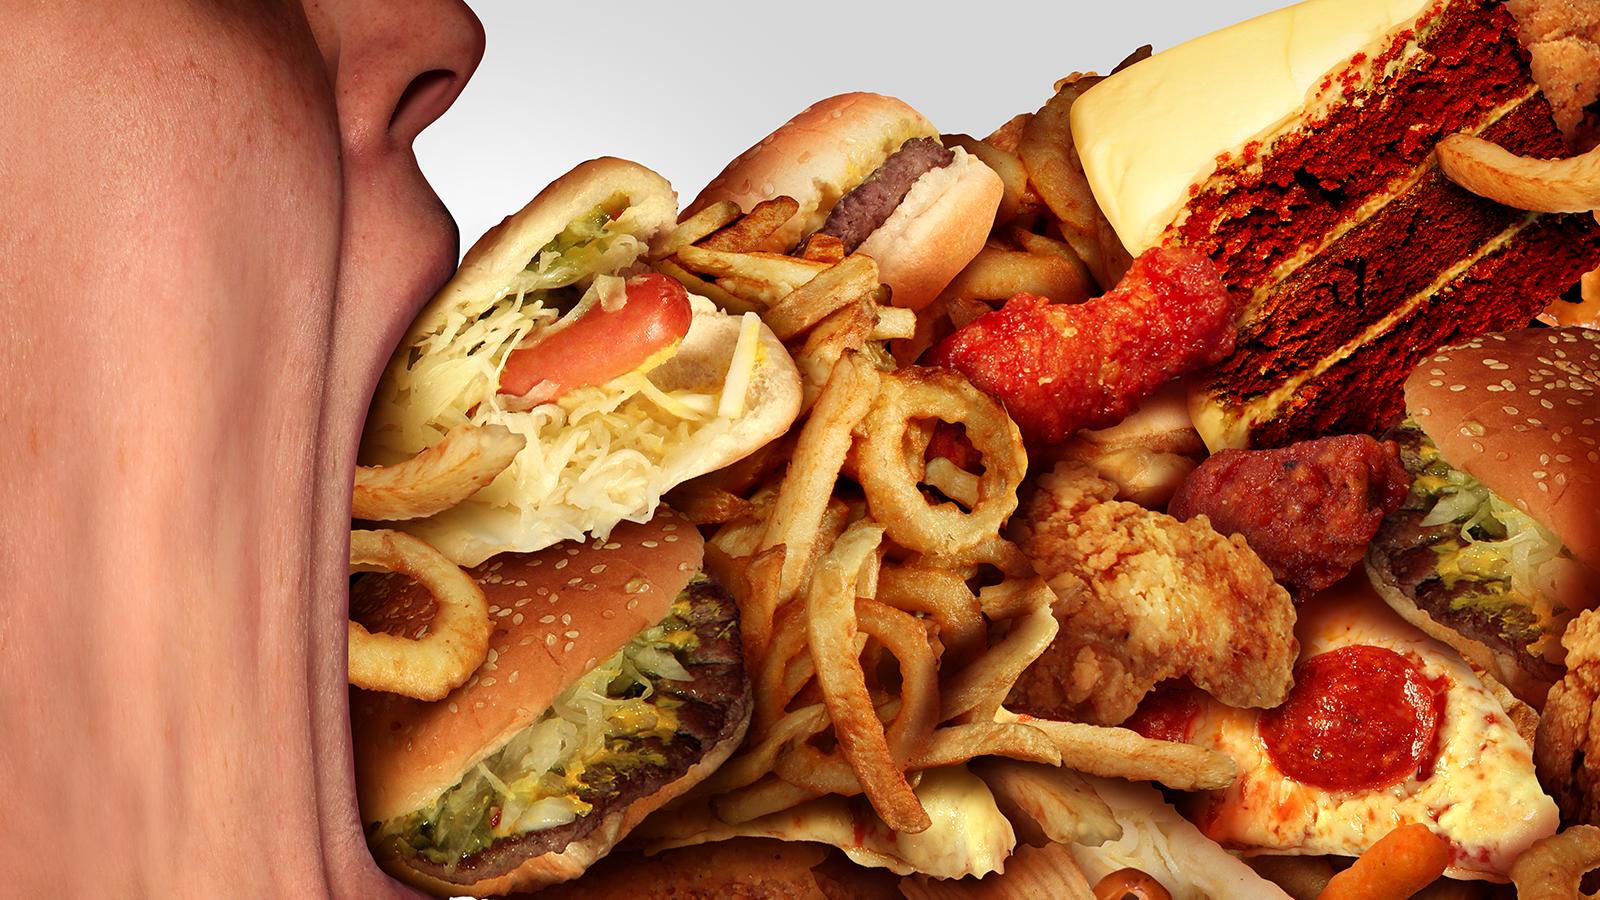 Forskere fritager fastfood